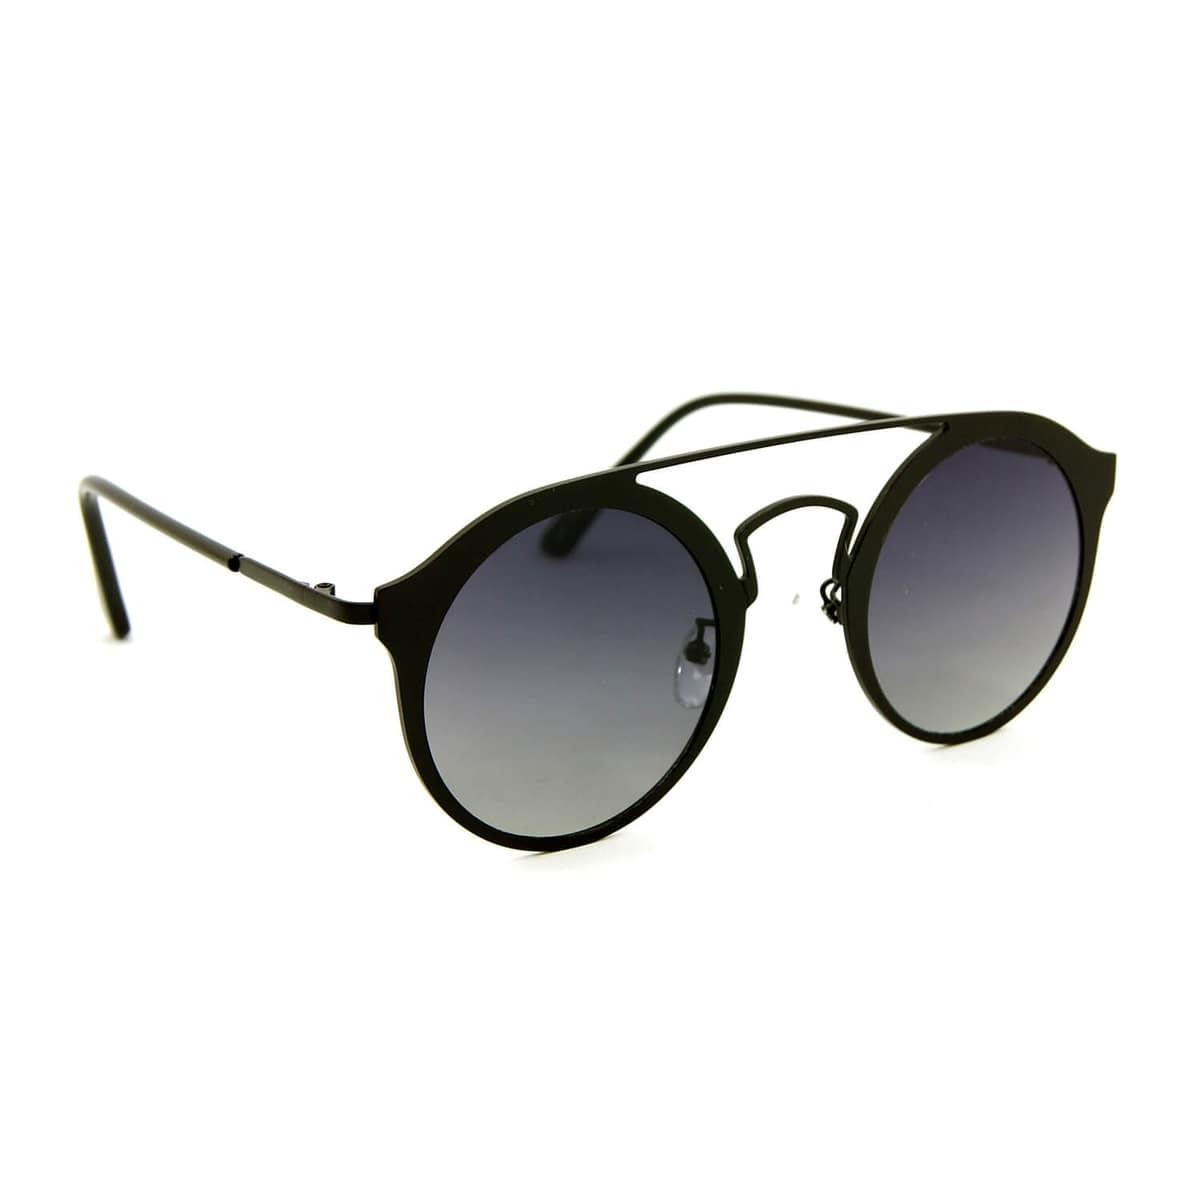 3c80194853747 Óculos de Sol em Silicone - Feira dos Importados de Brasília - Sia - A Loja  Virtual